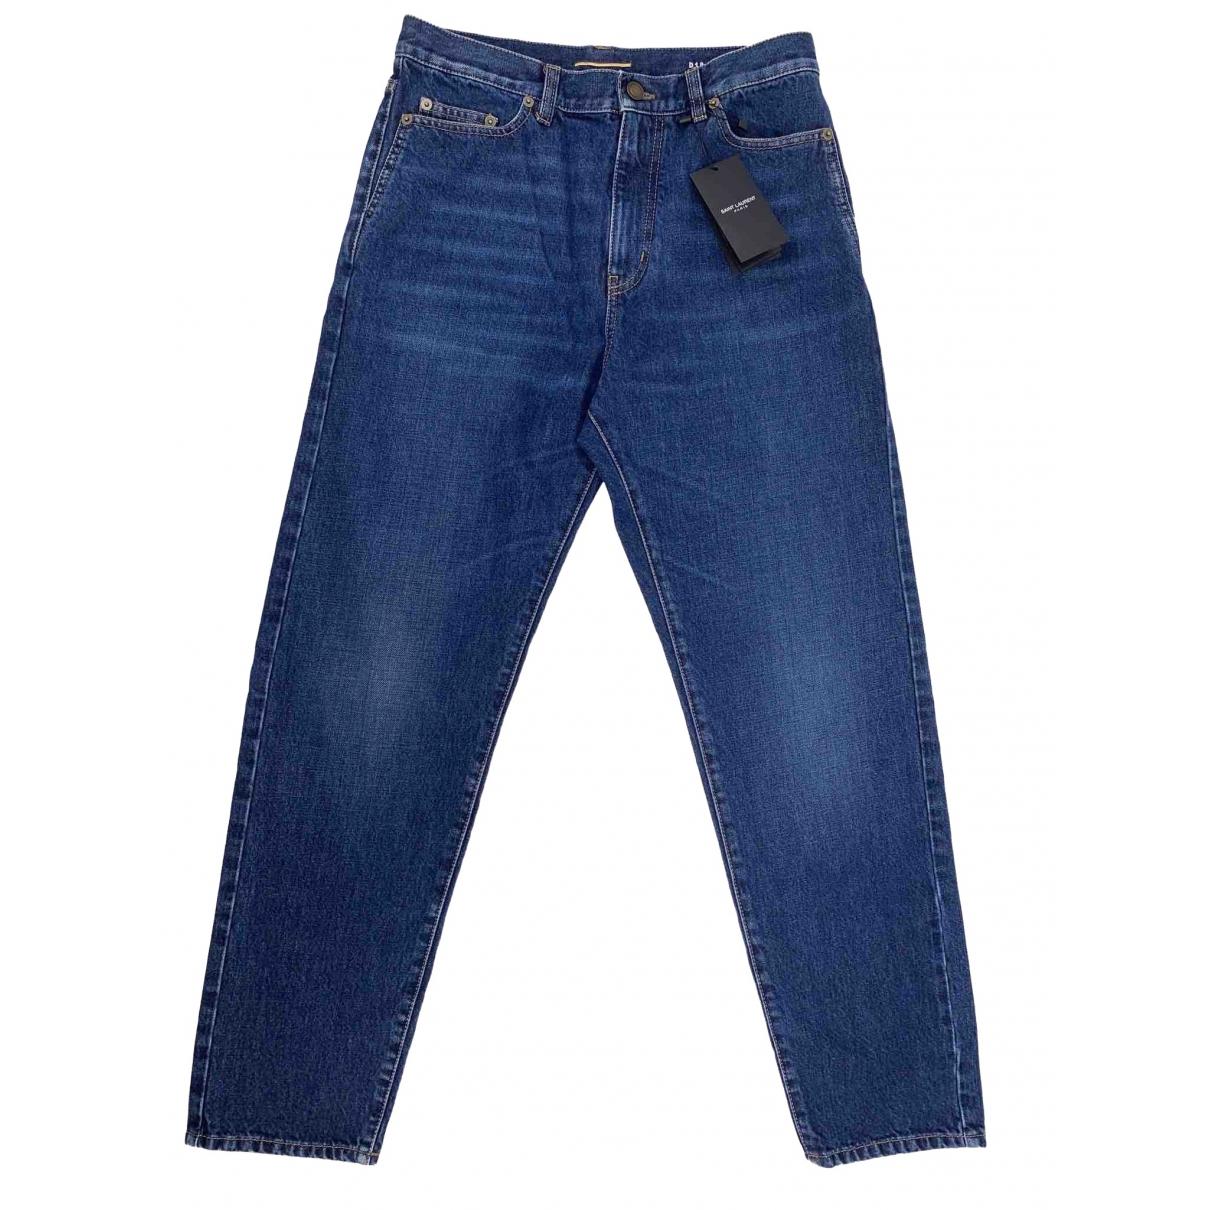 Saint Laurent \N Blue Denim - Jeans Jeans for Women 29 US